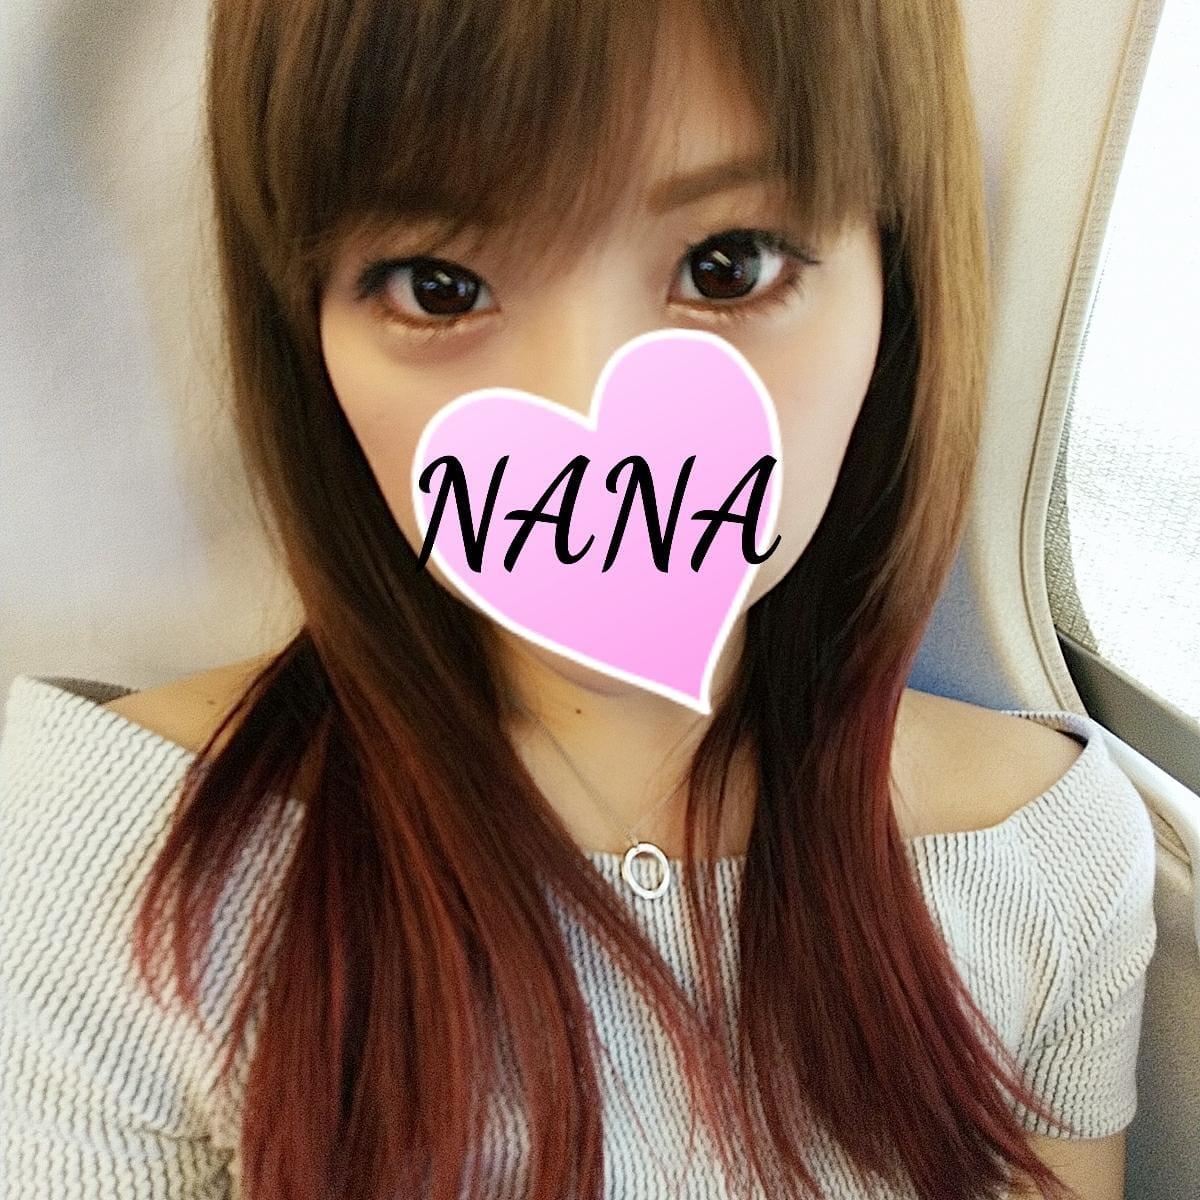 「NANA」03/21(03/21) 01:33 | ナナの写メ・風俗動画